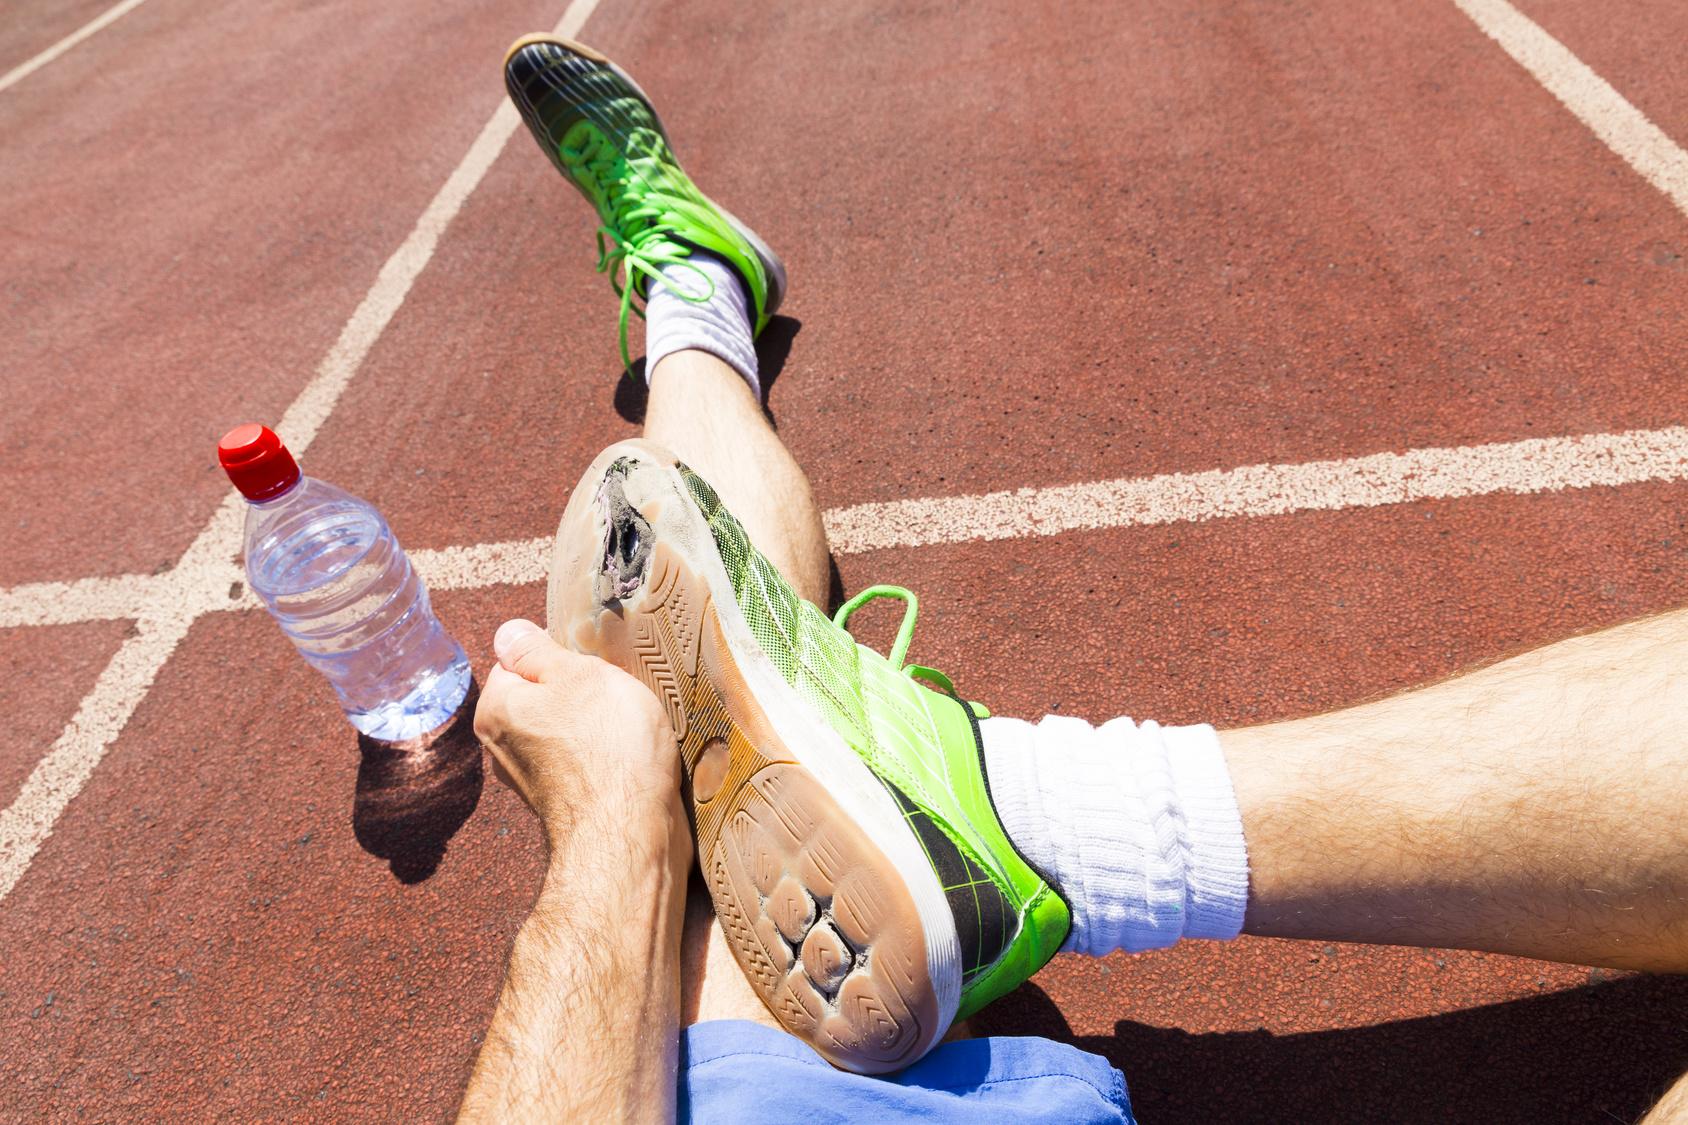 Sente dor nos primeiros passos do treino de corrida? Já pensou em fascite plantar? | Foto: Andreas/ Fotolia